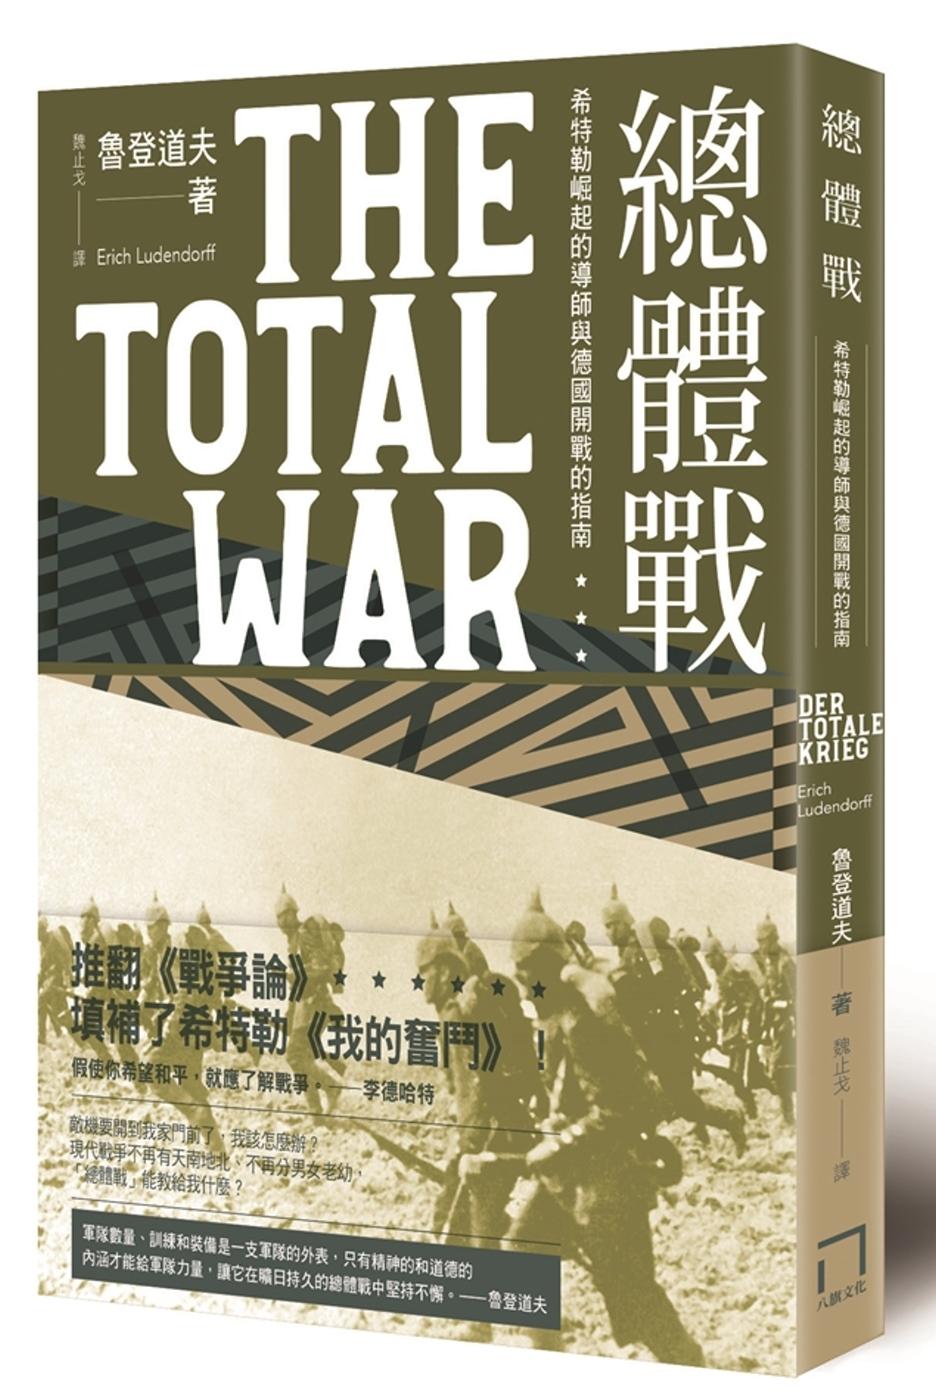 《總體戰:希特勒崛起的導師與德國開戰的指南》 商品條碼,ISBN:9789869590587